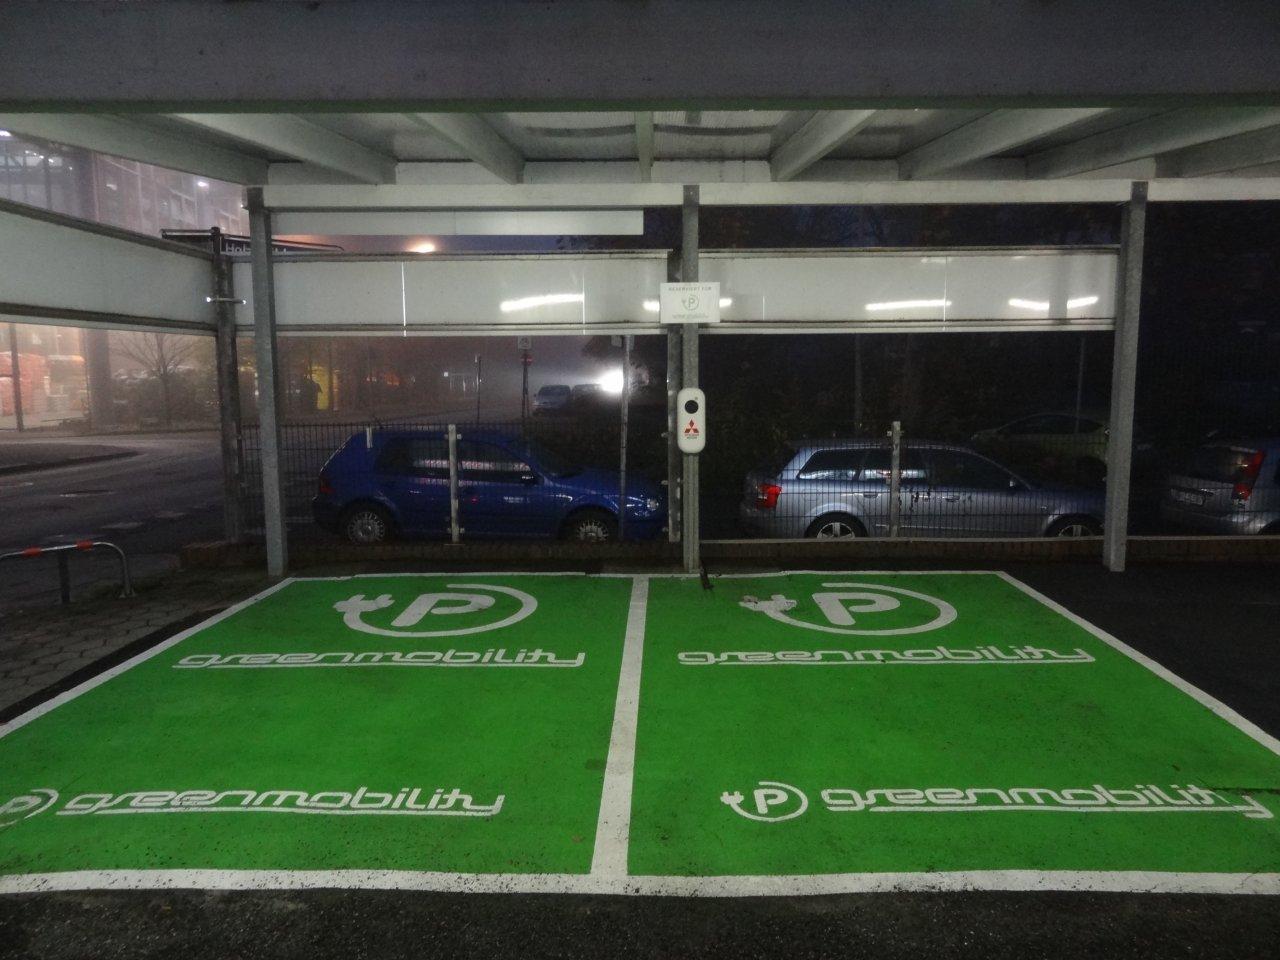 Greenmobility ohne Fz